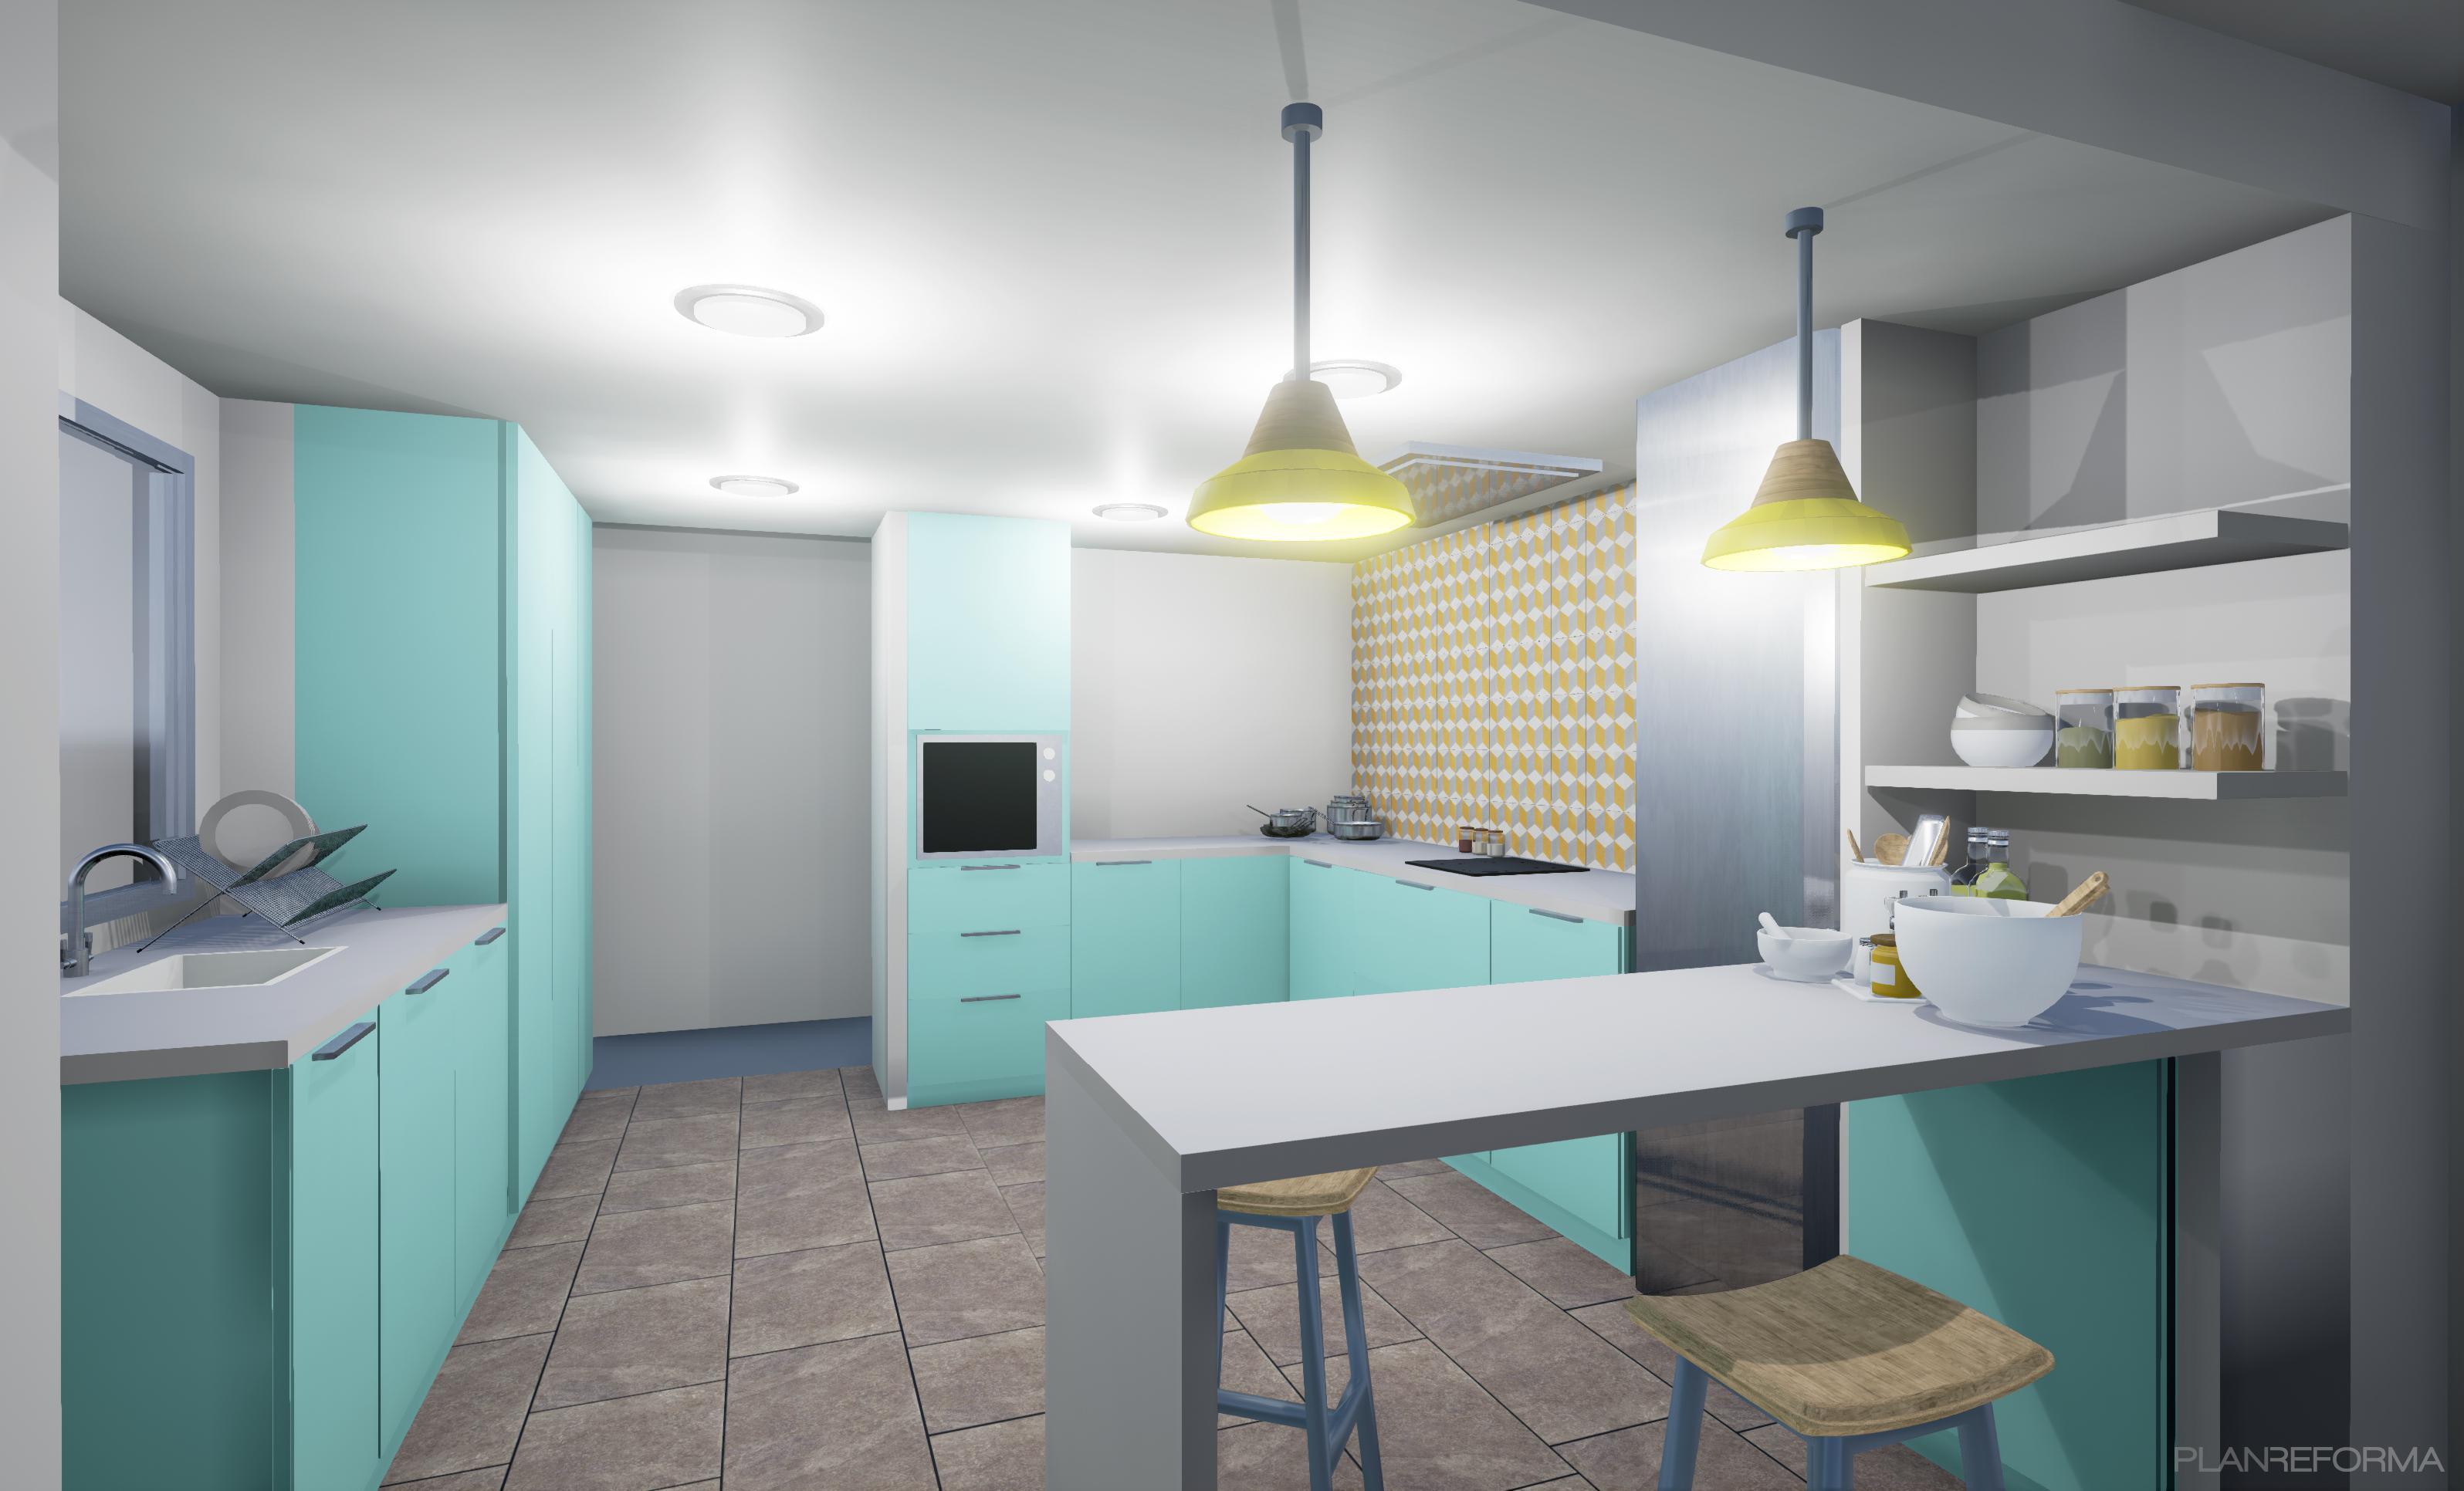 Cocina estilo contemporaneo color azul cielo beige dorado Estilo contemporaneo arquitectura